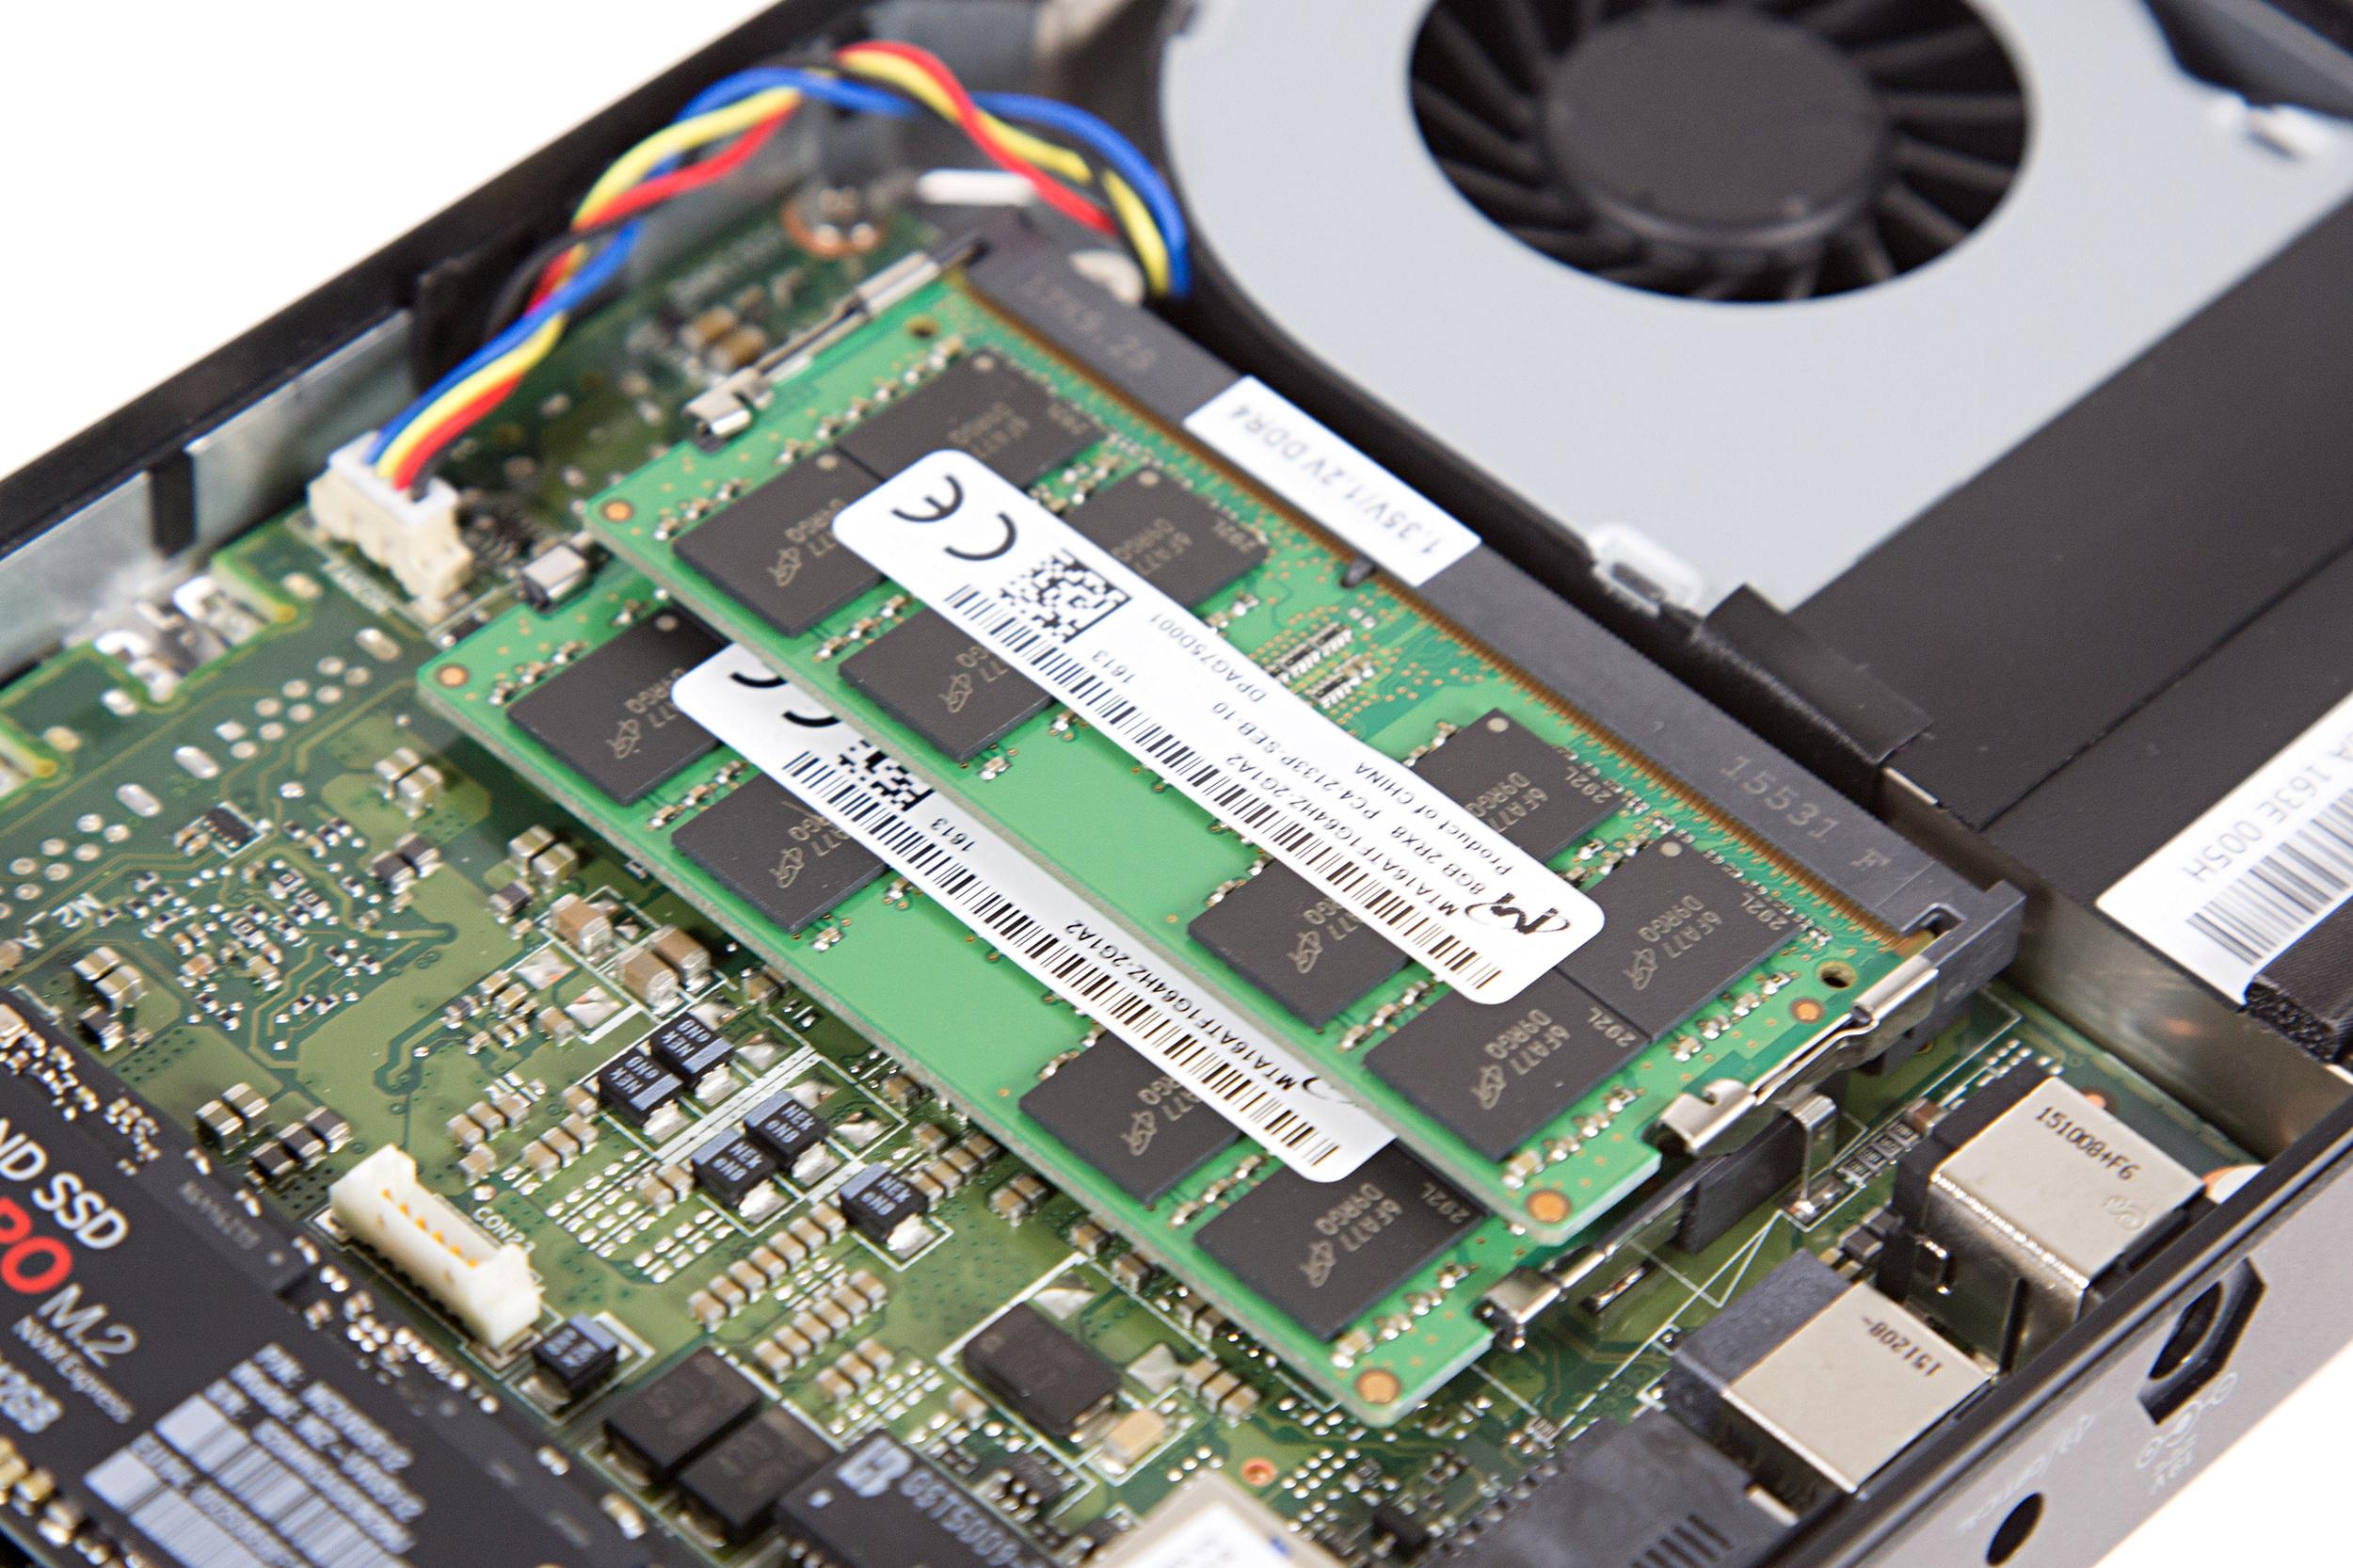 Mini-PC Skull Canyon im Test: Totenkopf-NUC mal nicht von ihren Treibern ermordet - Die NUC nimmt zwei SO-DIMMs vom Typ DDR4 auf. (Bild: Martin Wolf/Golem.de)